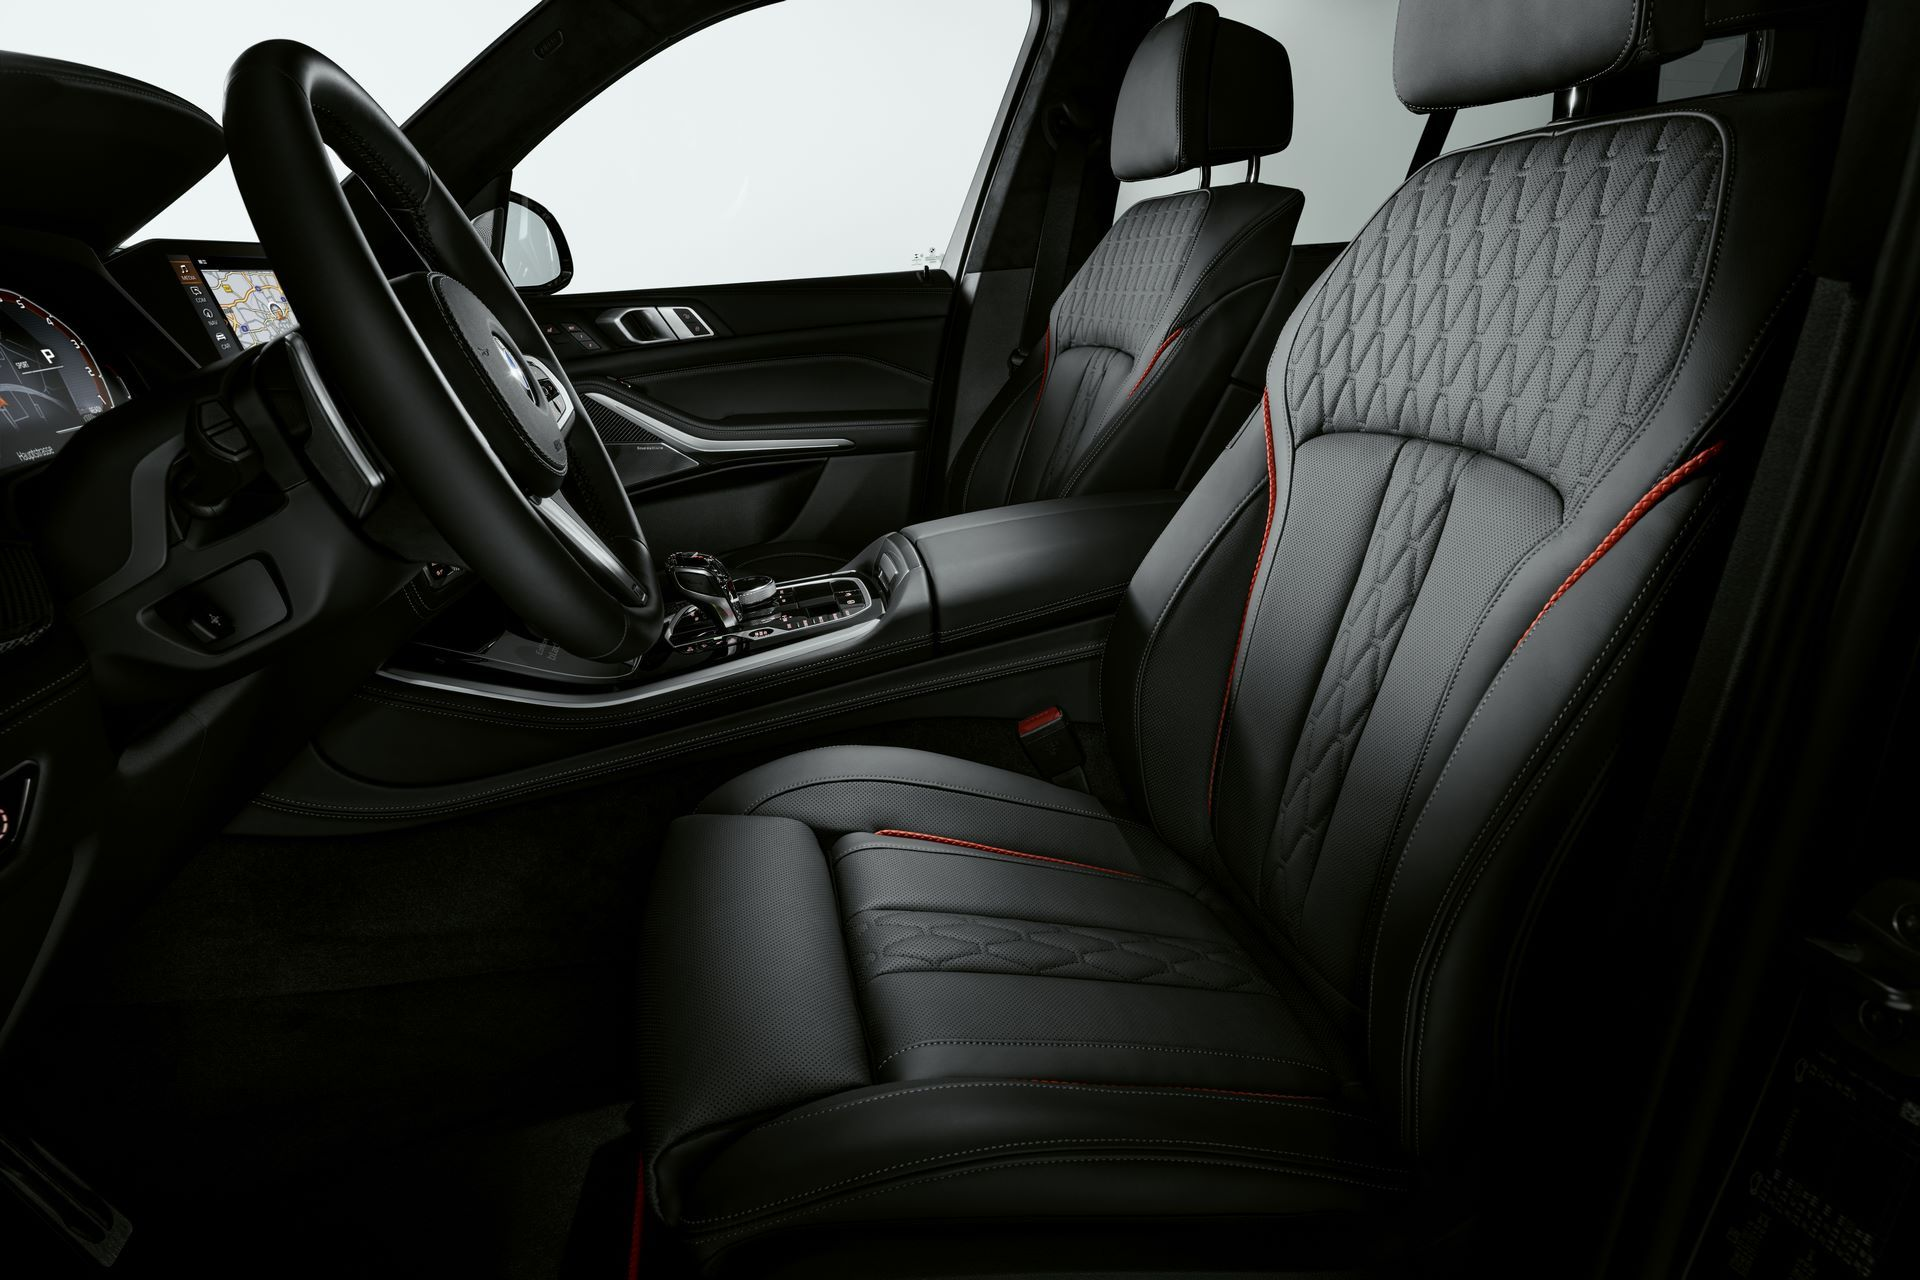 BMW-X5-Χ6-Black-Vermilion-X7-Limited-Edition-35